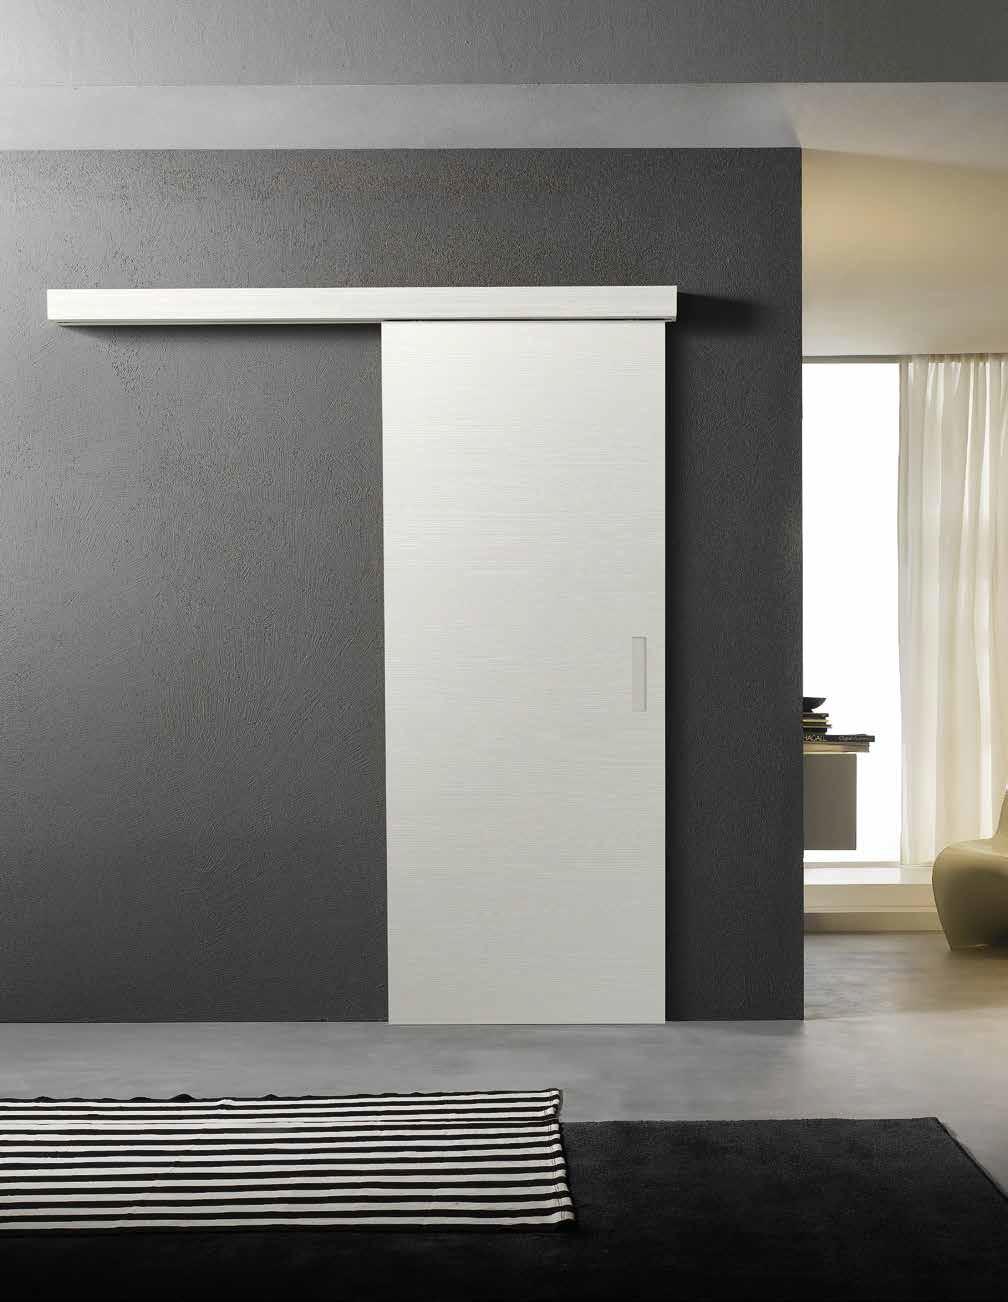 Porta laccata scorrevole Dorica Castelli collezione Composit linea Romantica modello C401